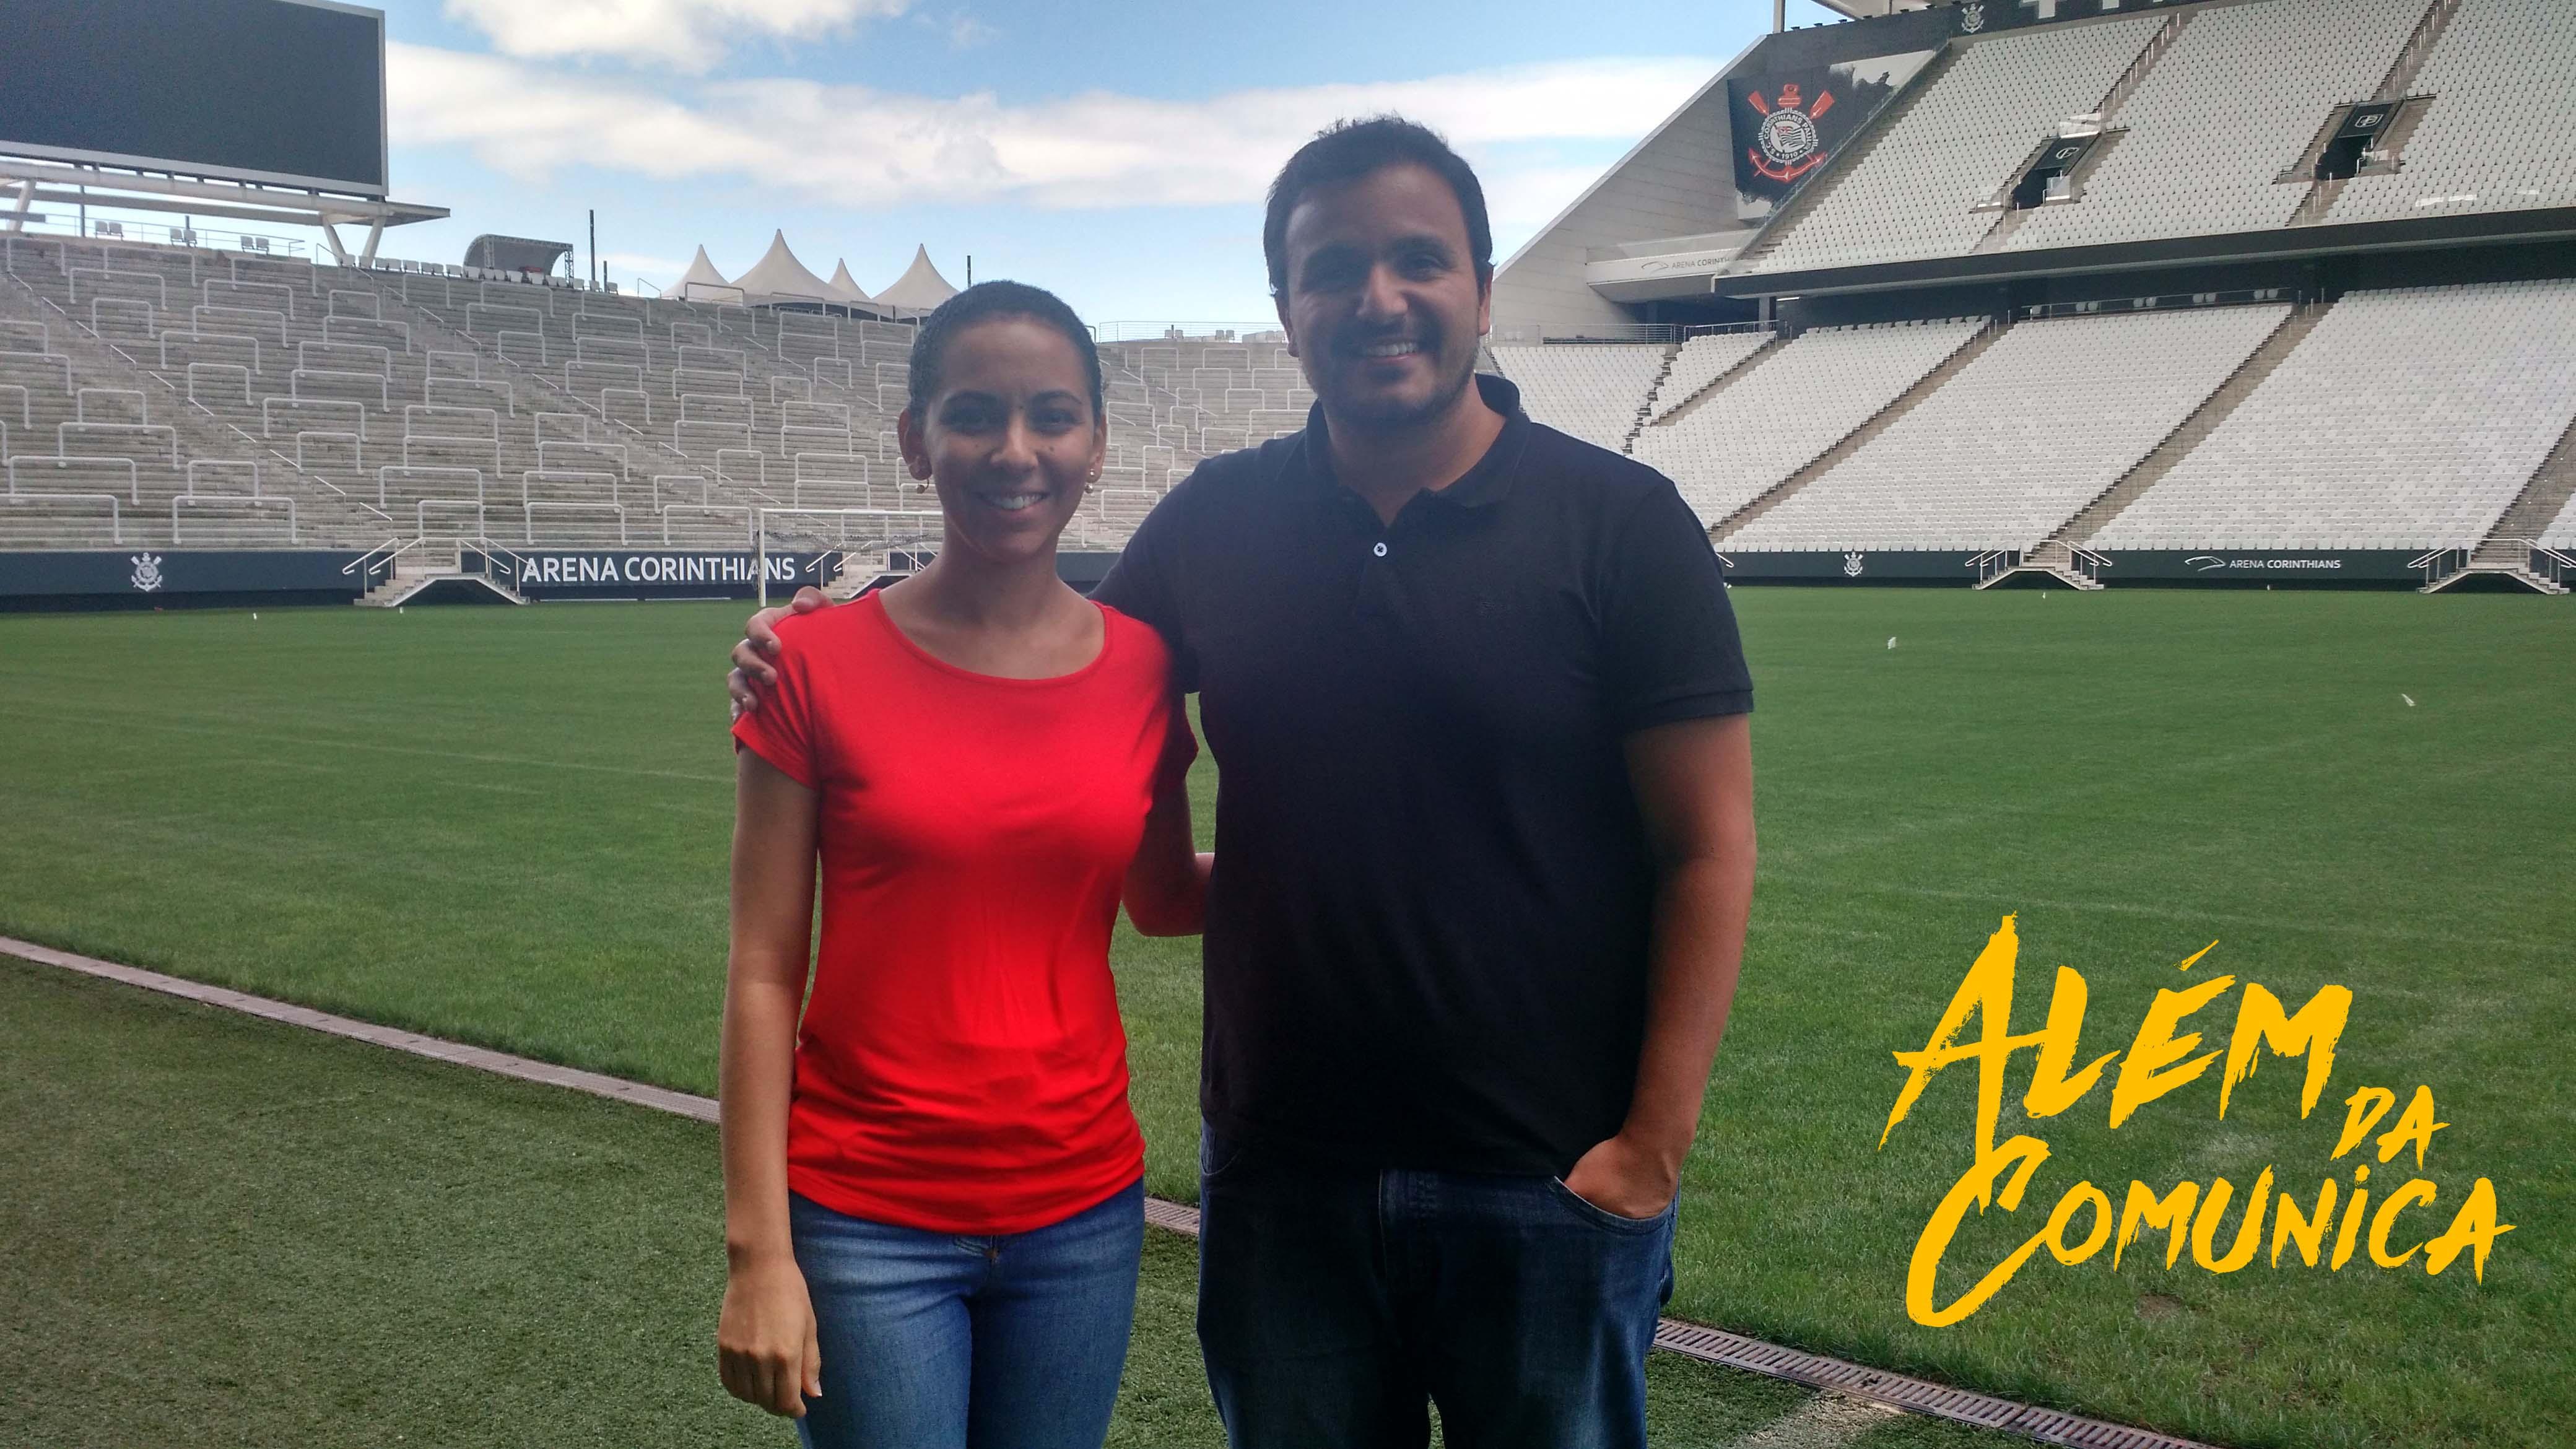 Publicitária apresenta monografia de especialização sobre Arena Corinthians em SP